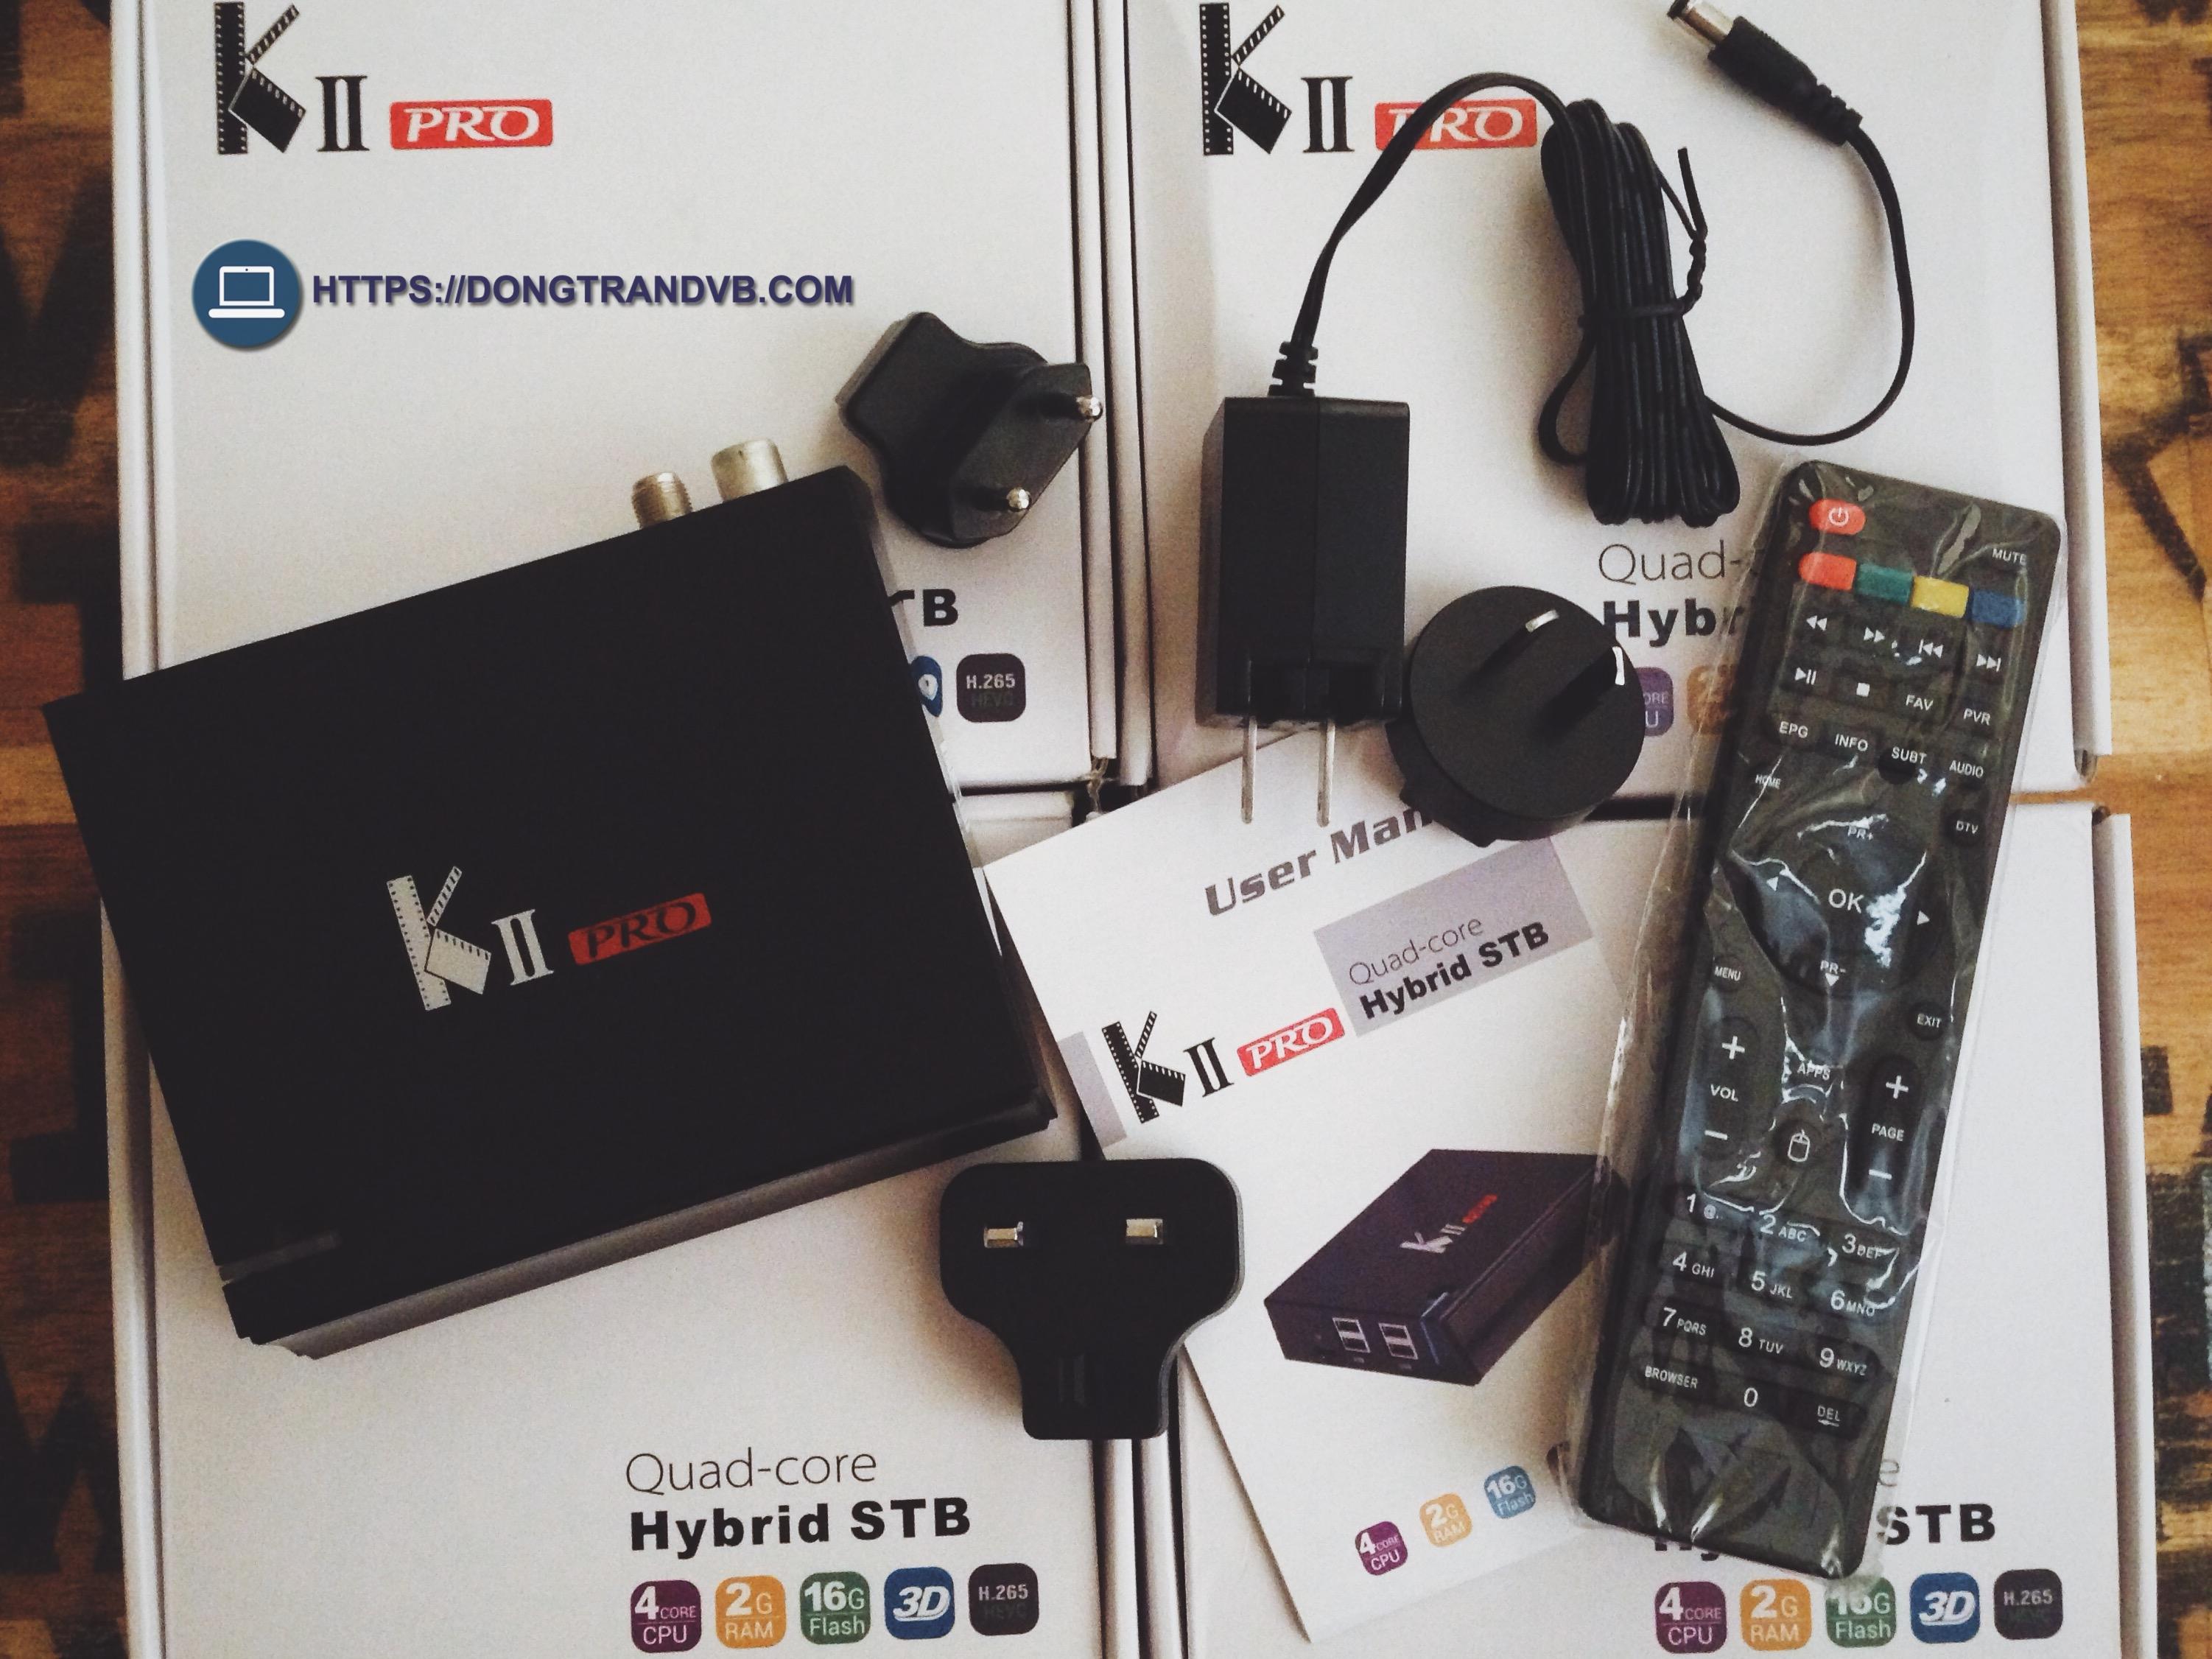 Android box KII Pro